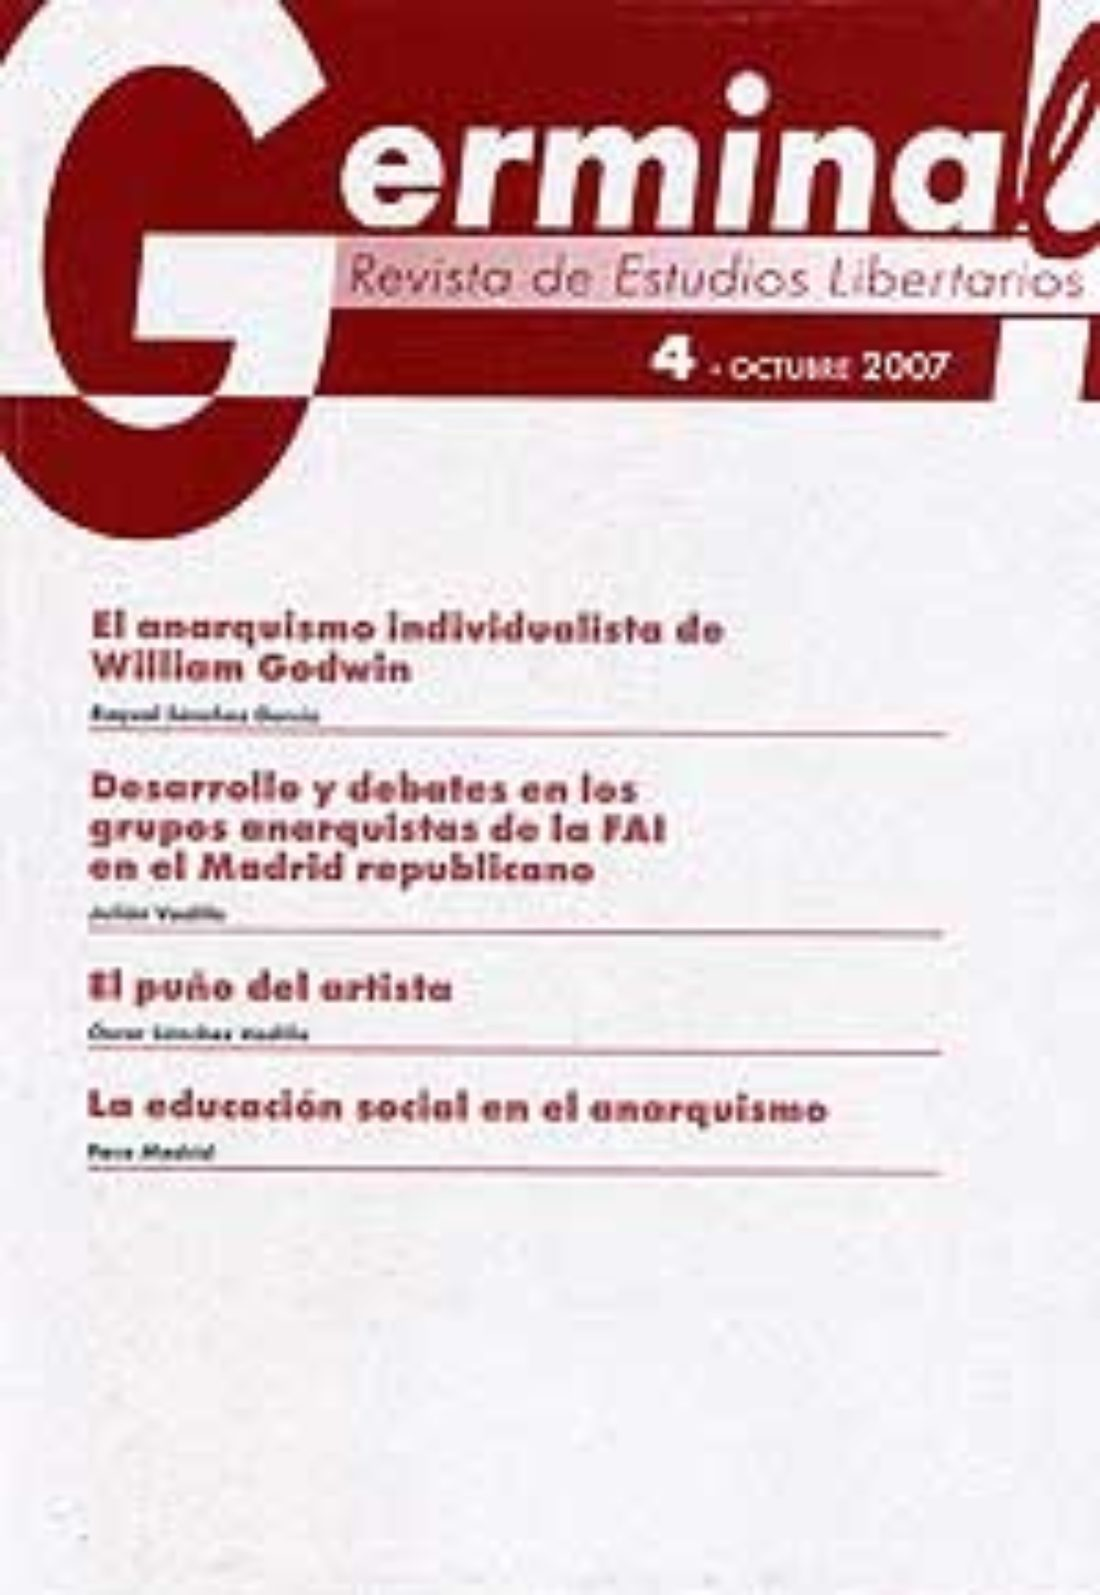 Germinal. Revista de Estudios Libertarios. Presentación del nuevo numero, el 5º